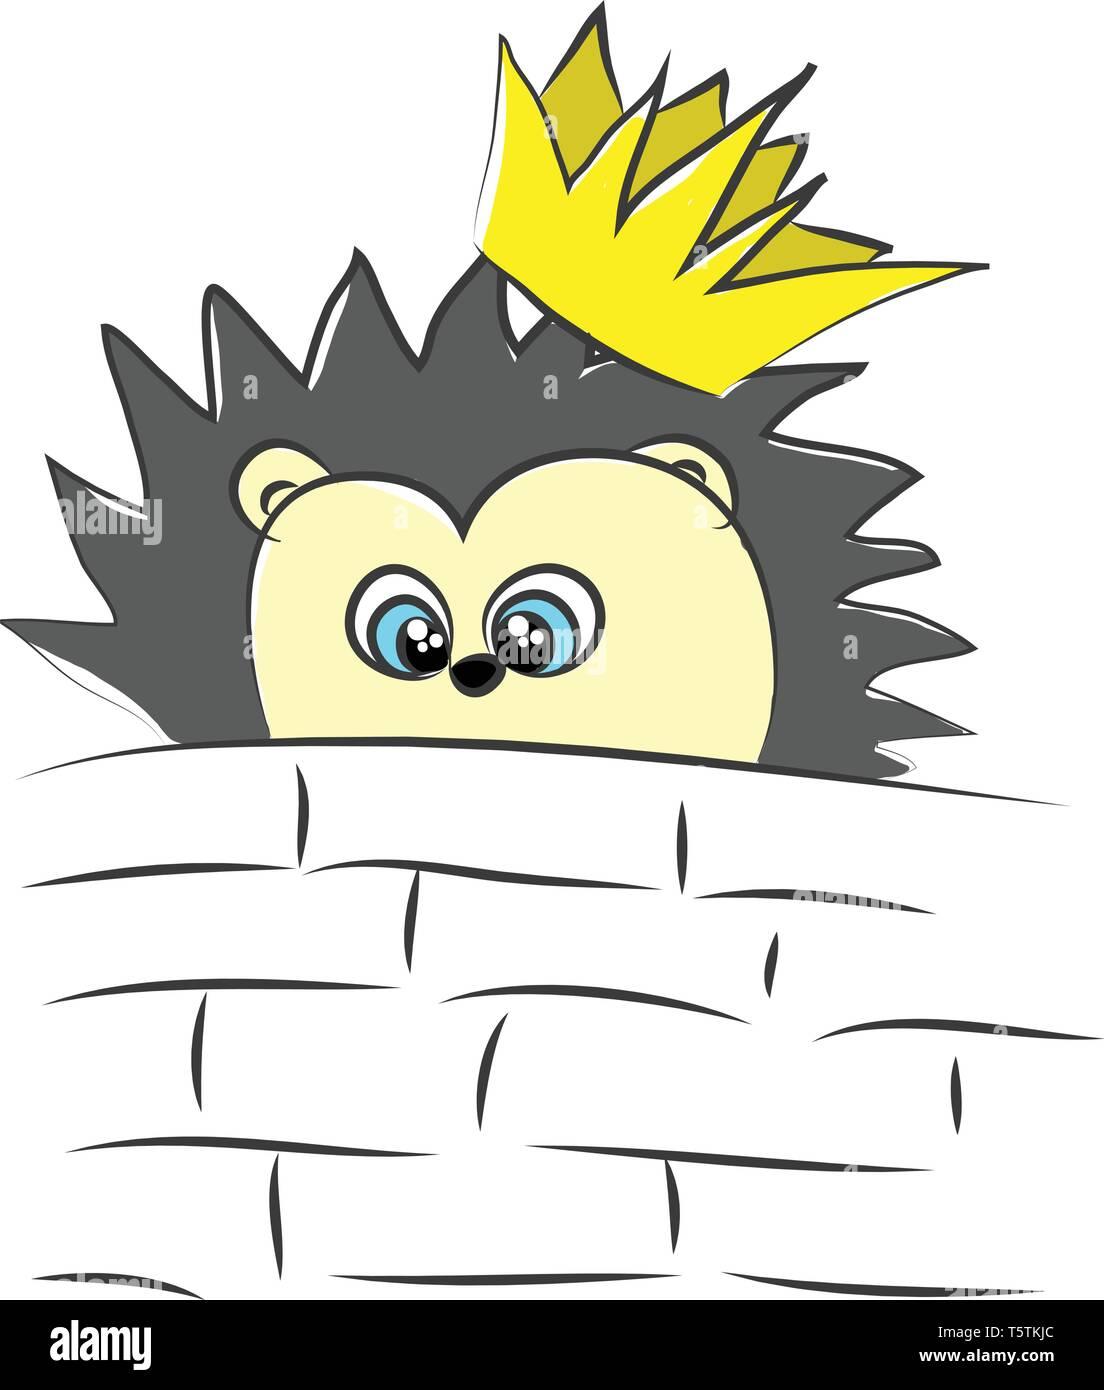 Karikatur Eines Wunderschönen Gelben Igel Mit Schwarzen Stacheln